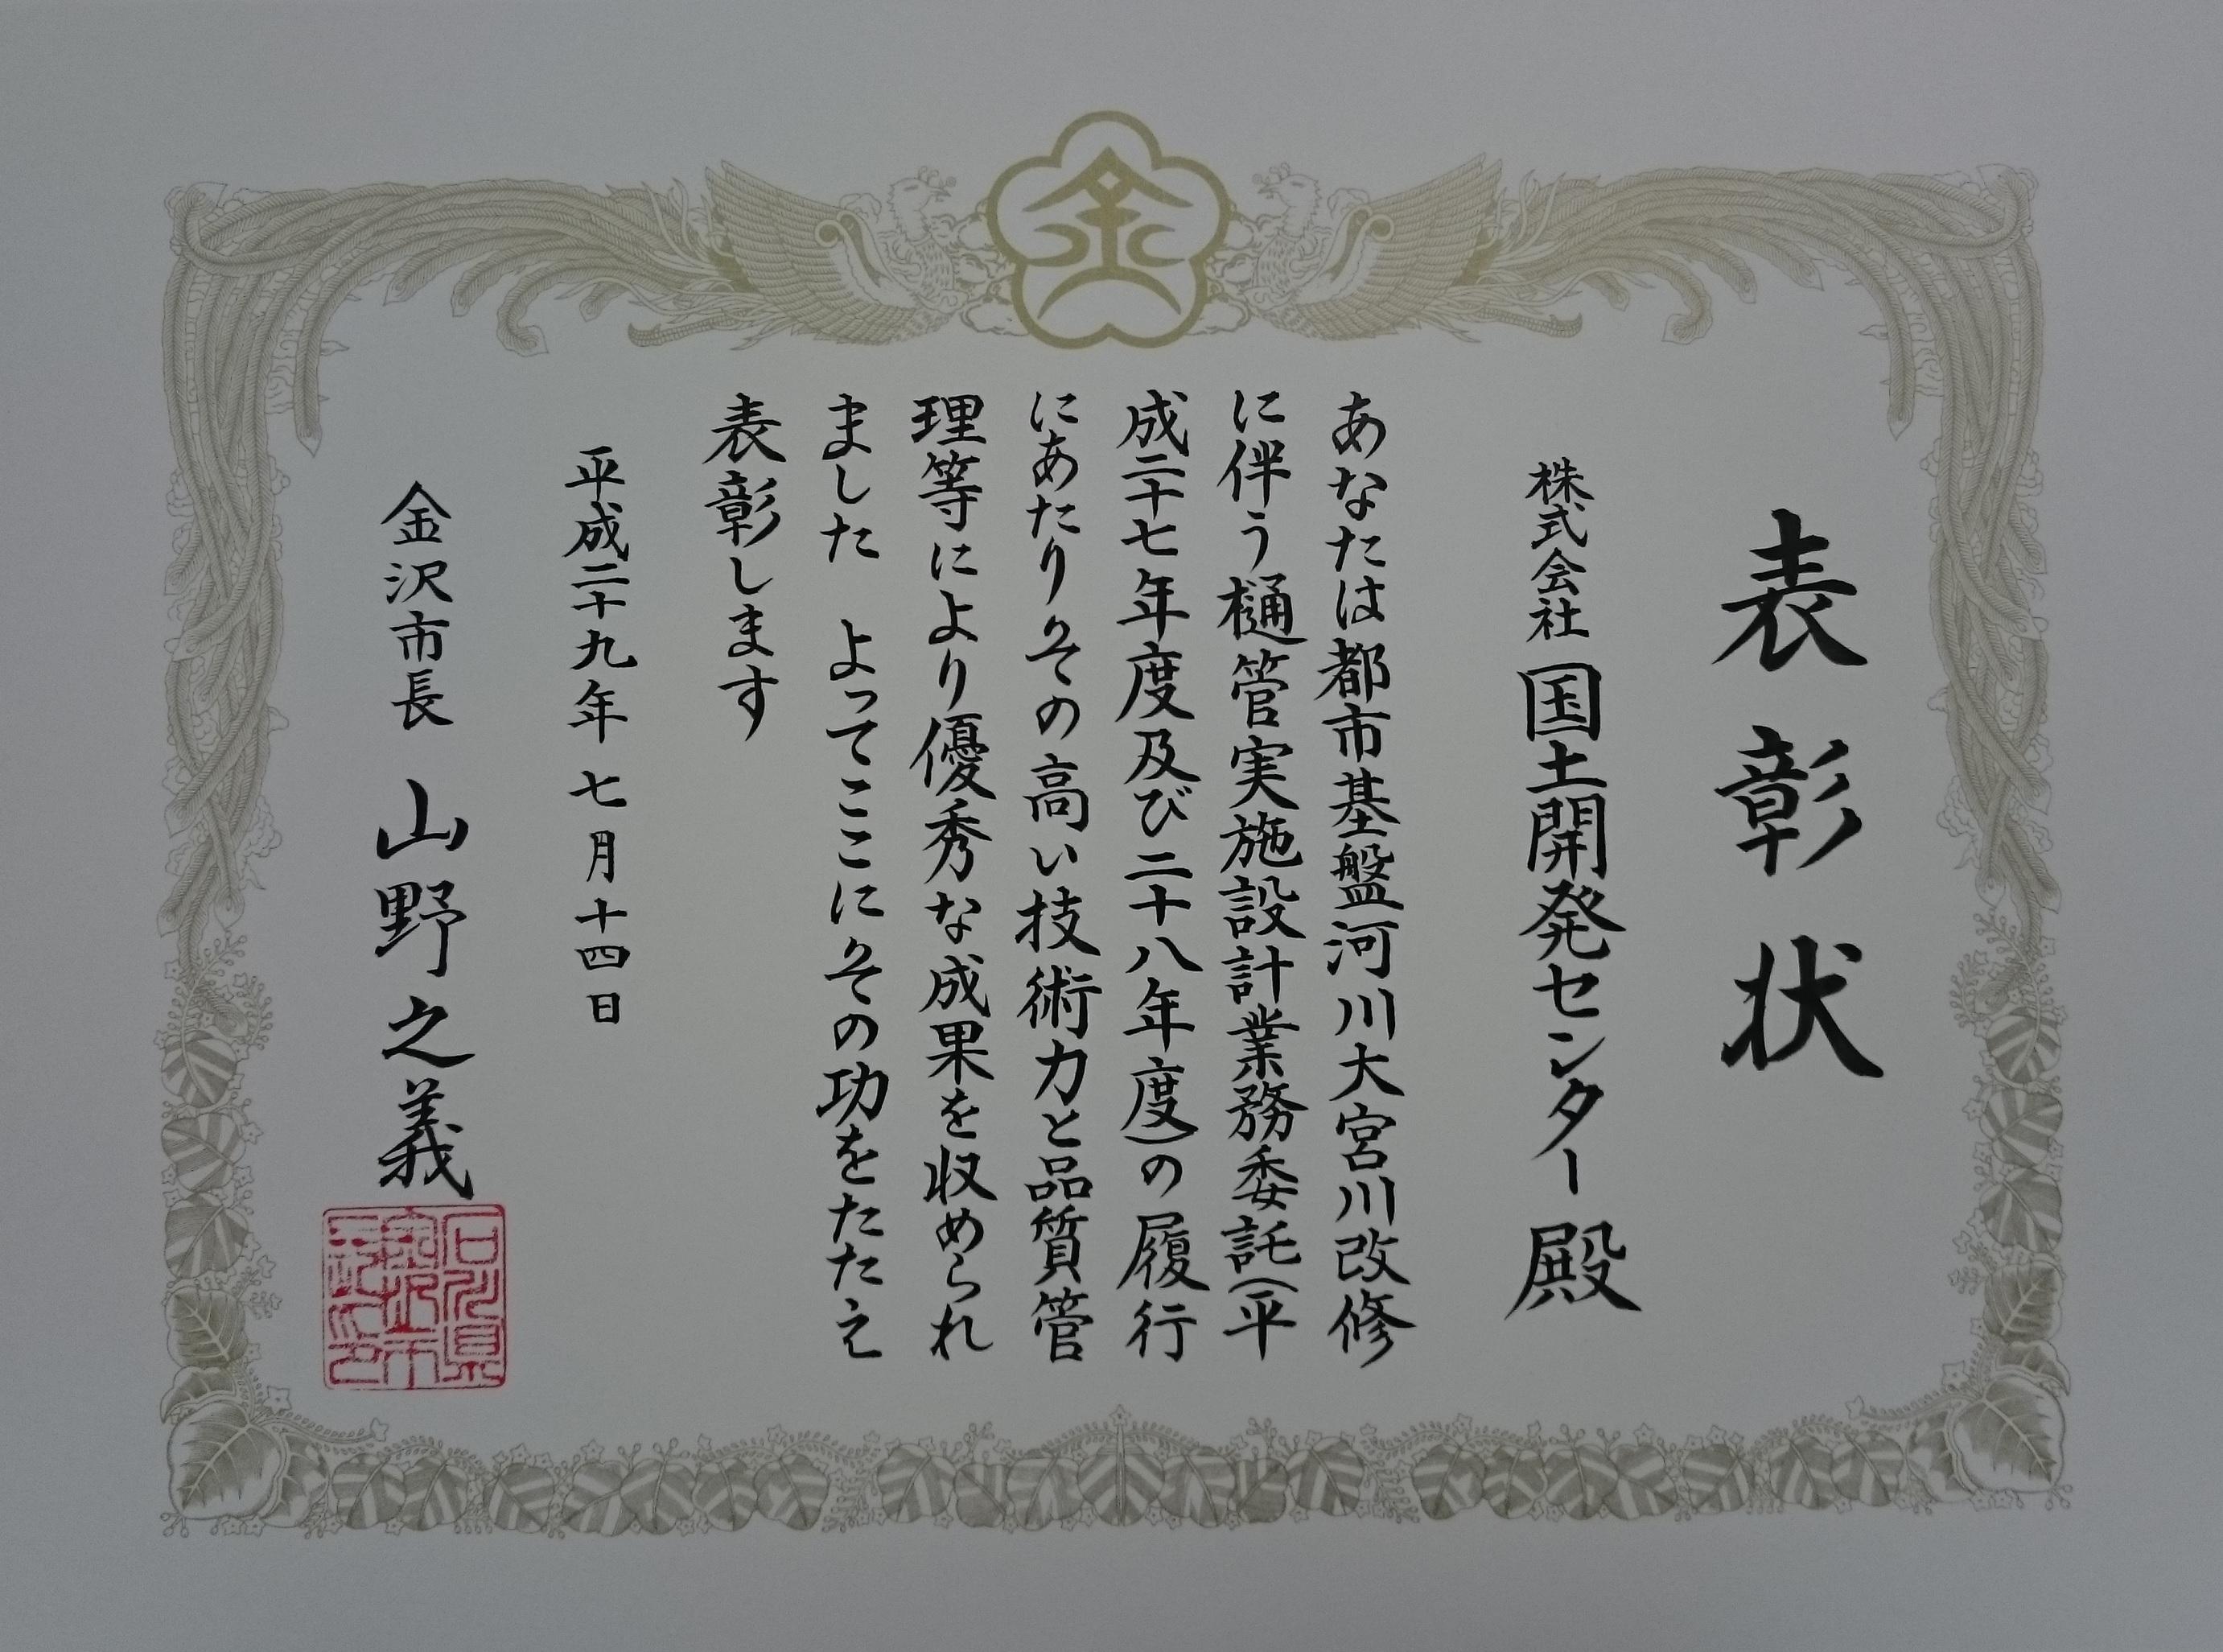 金沢市より、優良委託業務履行業者表彰を受賞しました。